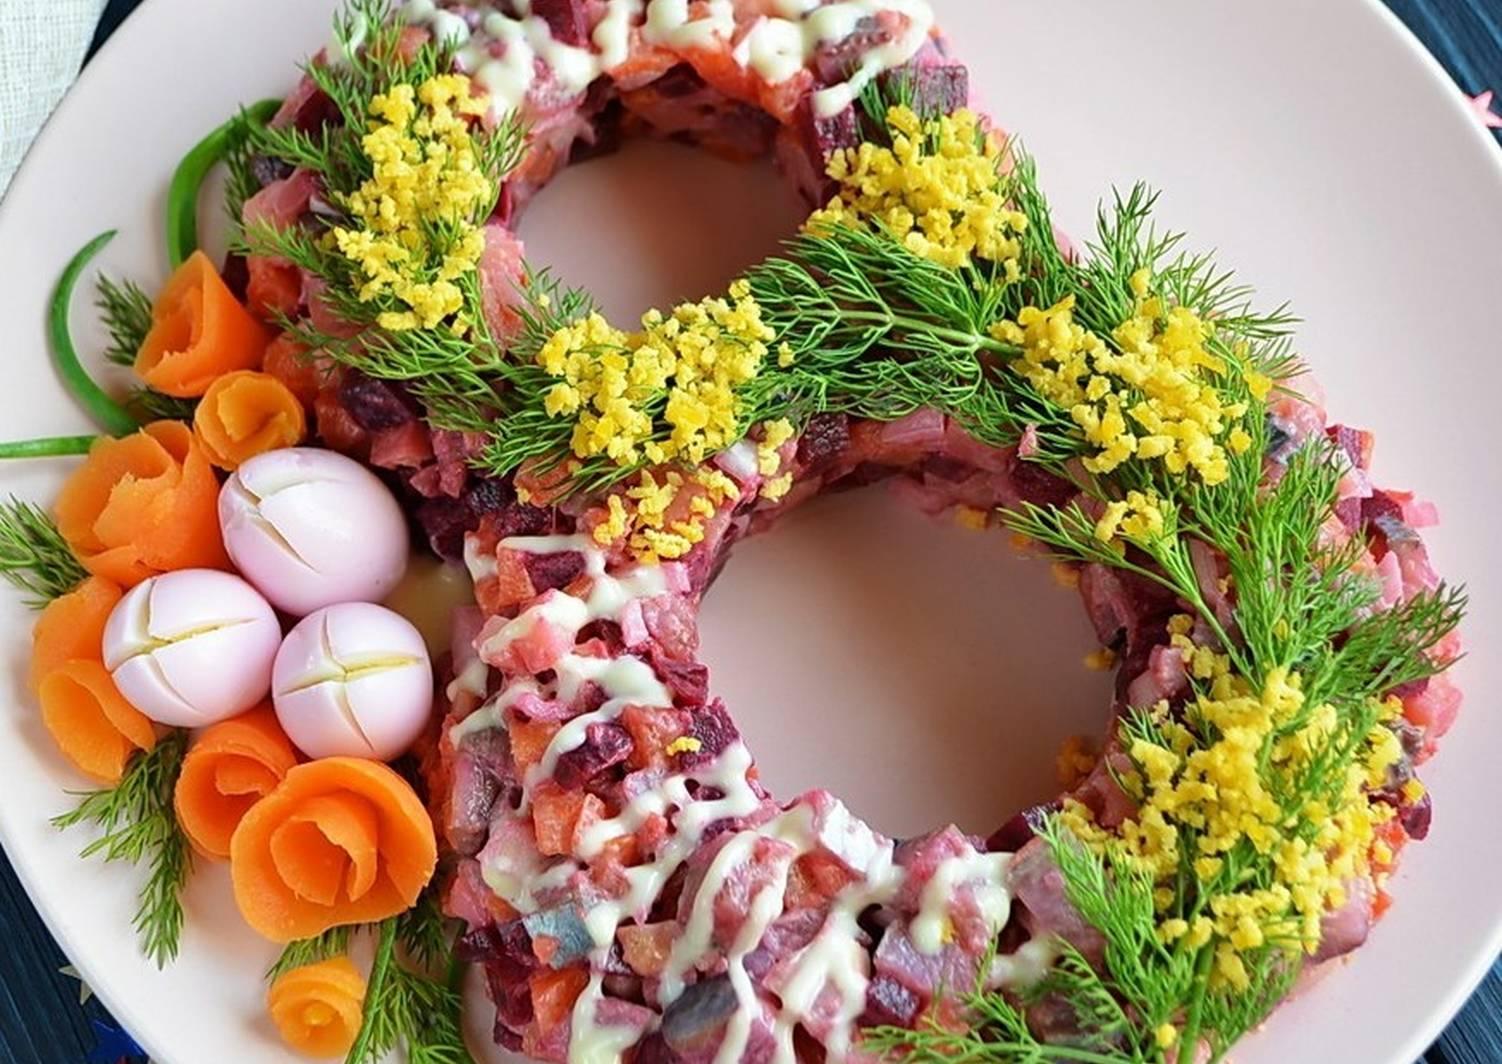 позволит рецепты красиво украшенных салатов с фото вот